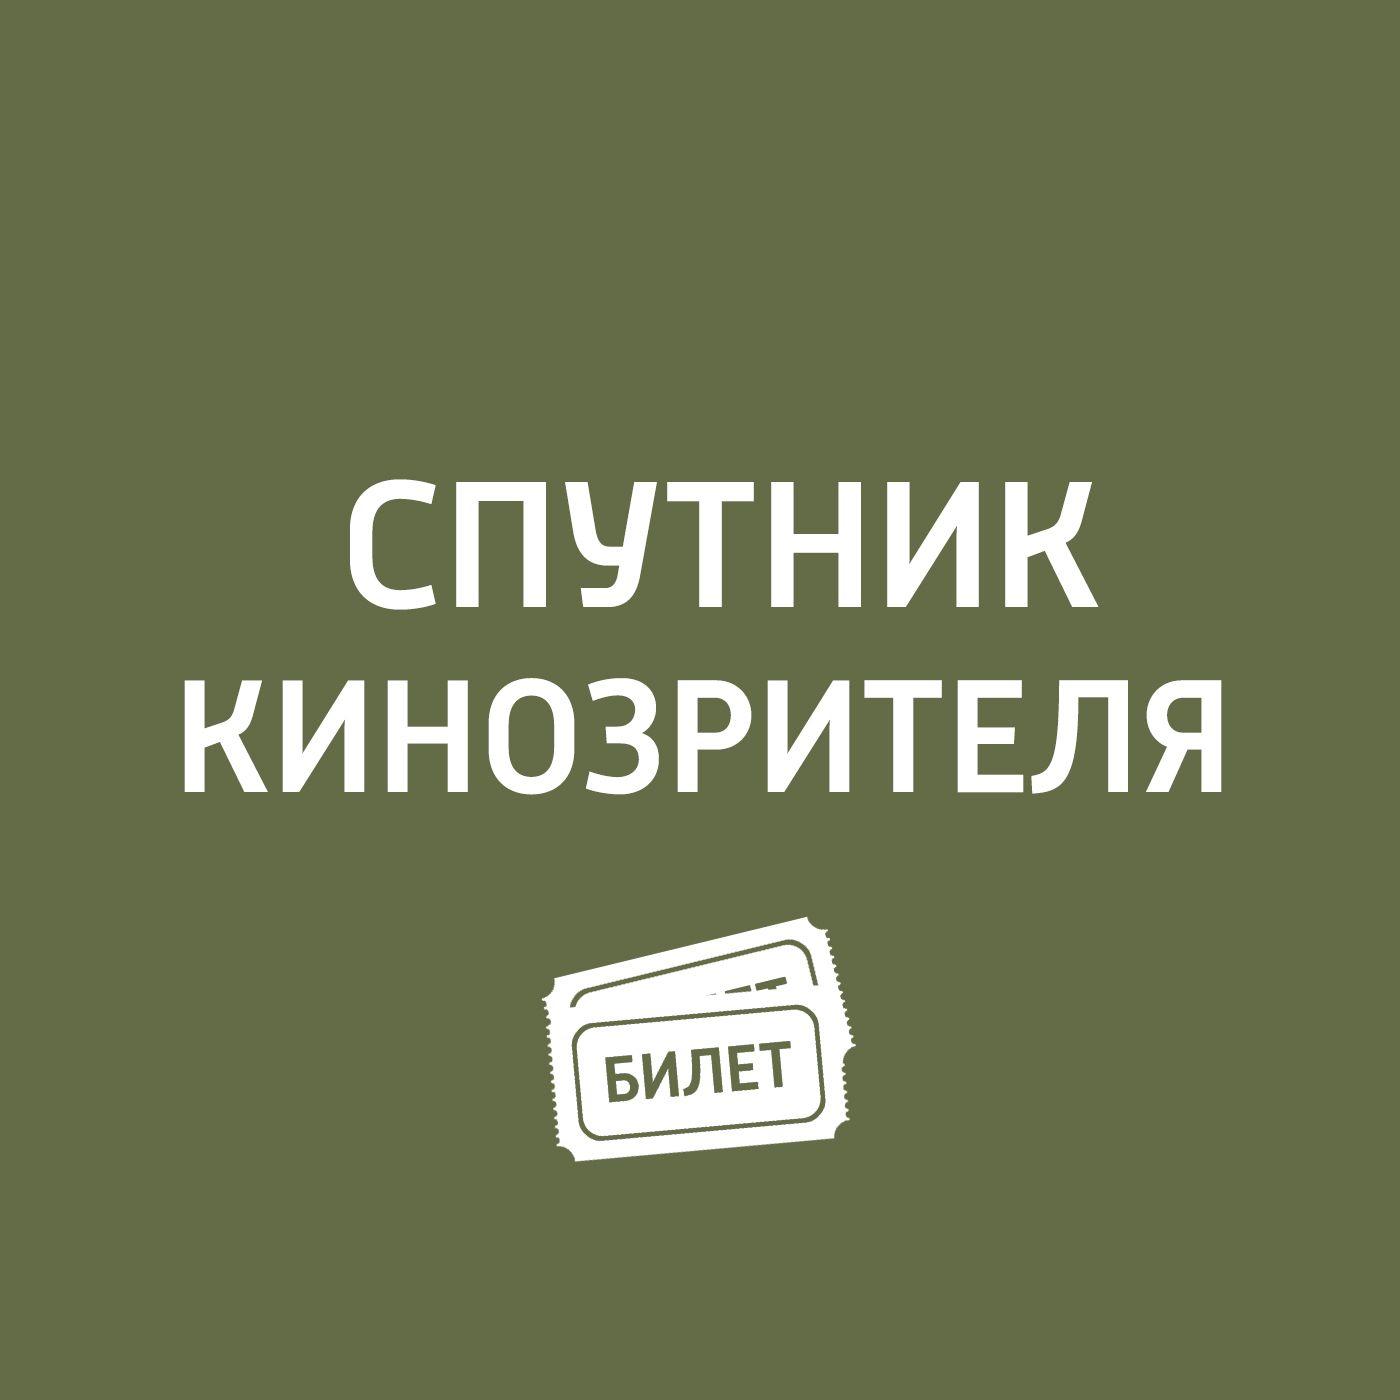 Антон Долин «Аквамен», «Бамблби», «Человек-паук. Через вселенные» антон долин человек паук